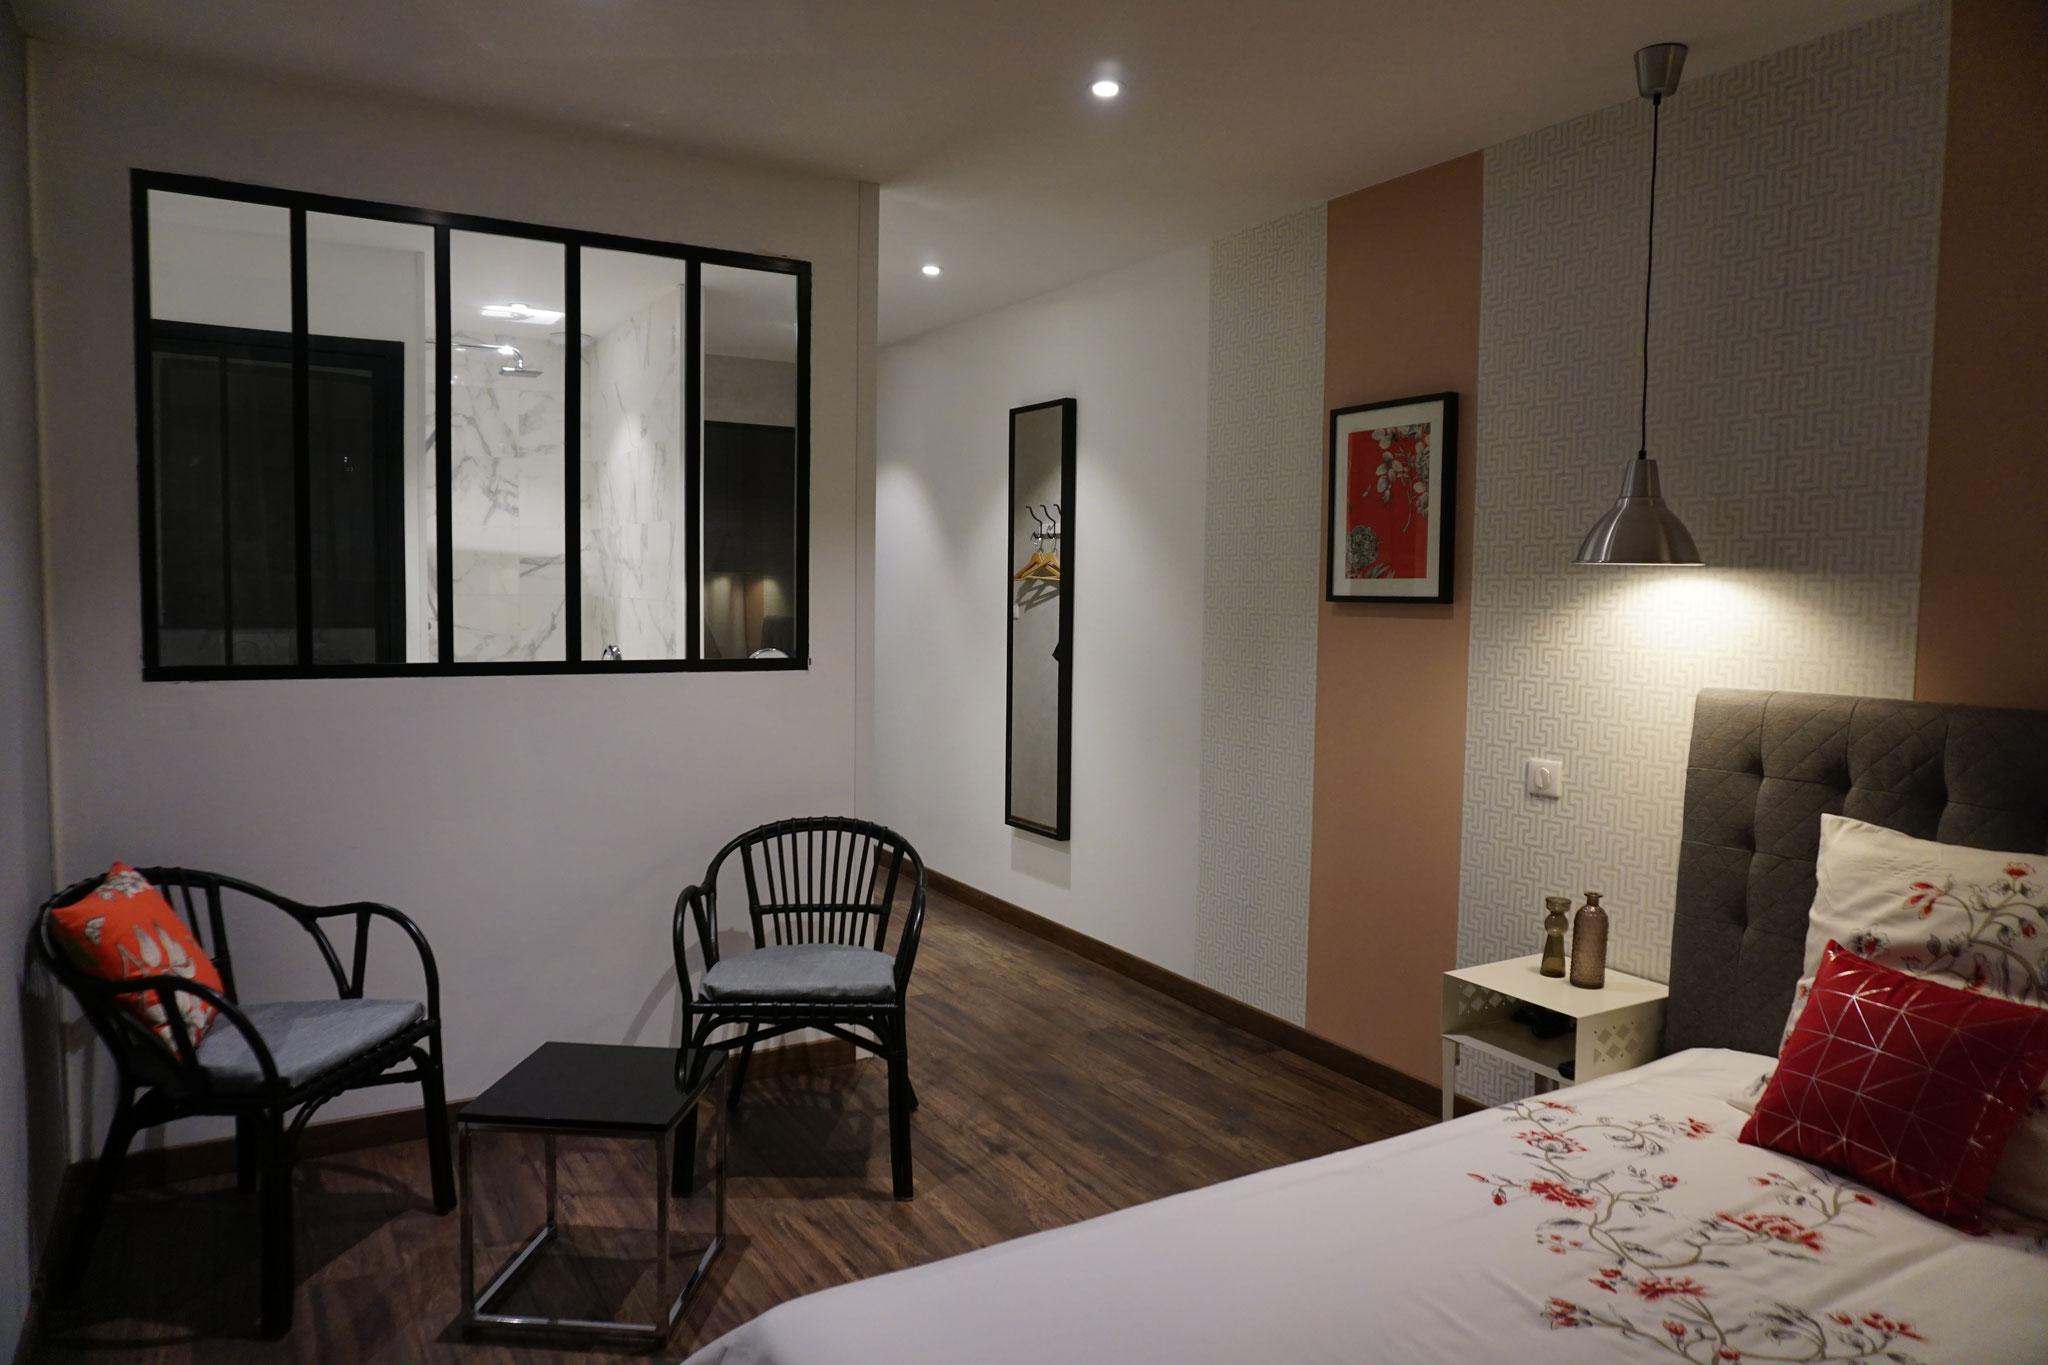 """Gîte """"Les Cépages"""", vue intérieure de la Chambre """"Fleurie"""" : lit, espace de vie, entrée"""